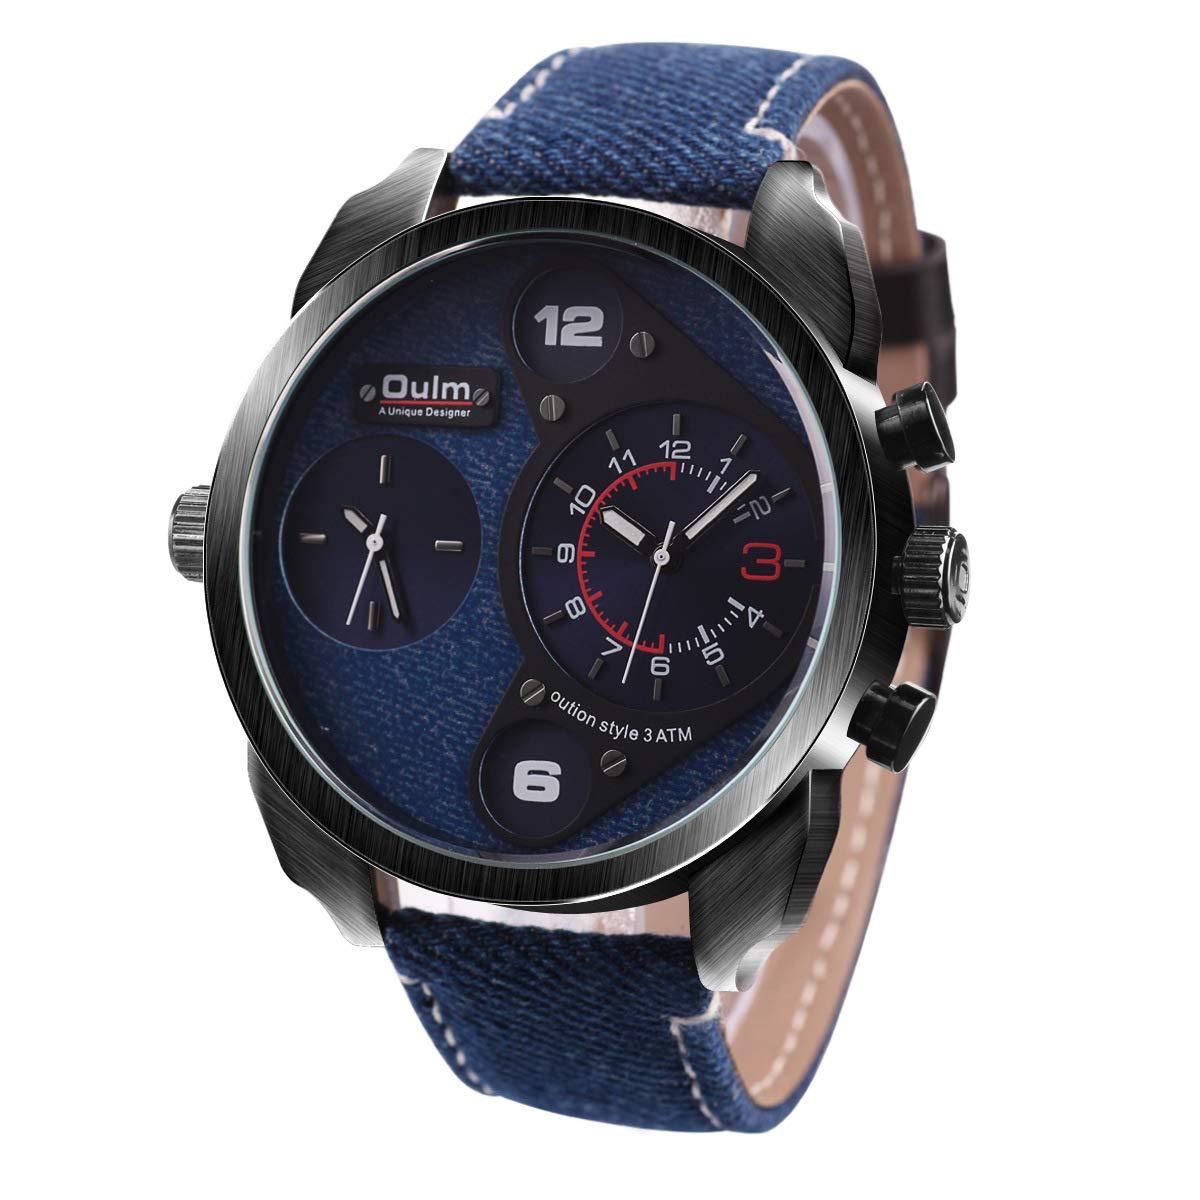 HWCOO Hermoso Relojes de Pulsera Reloj de Cuarzo Grande con Doble Huso horario OULM para Hombres Reloj Punk muñeca Grande para Hombres (Color : 2): ...